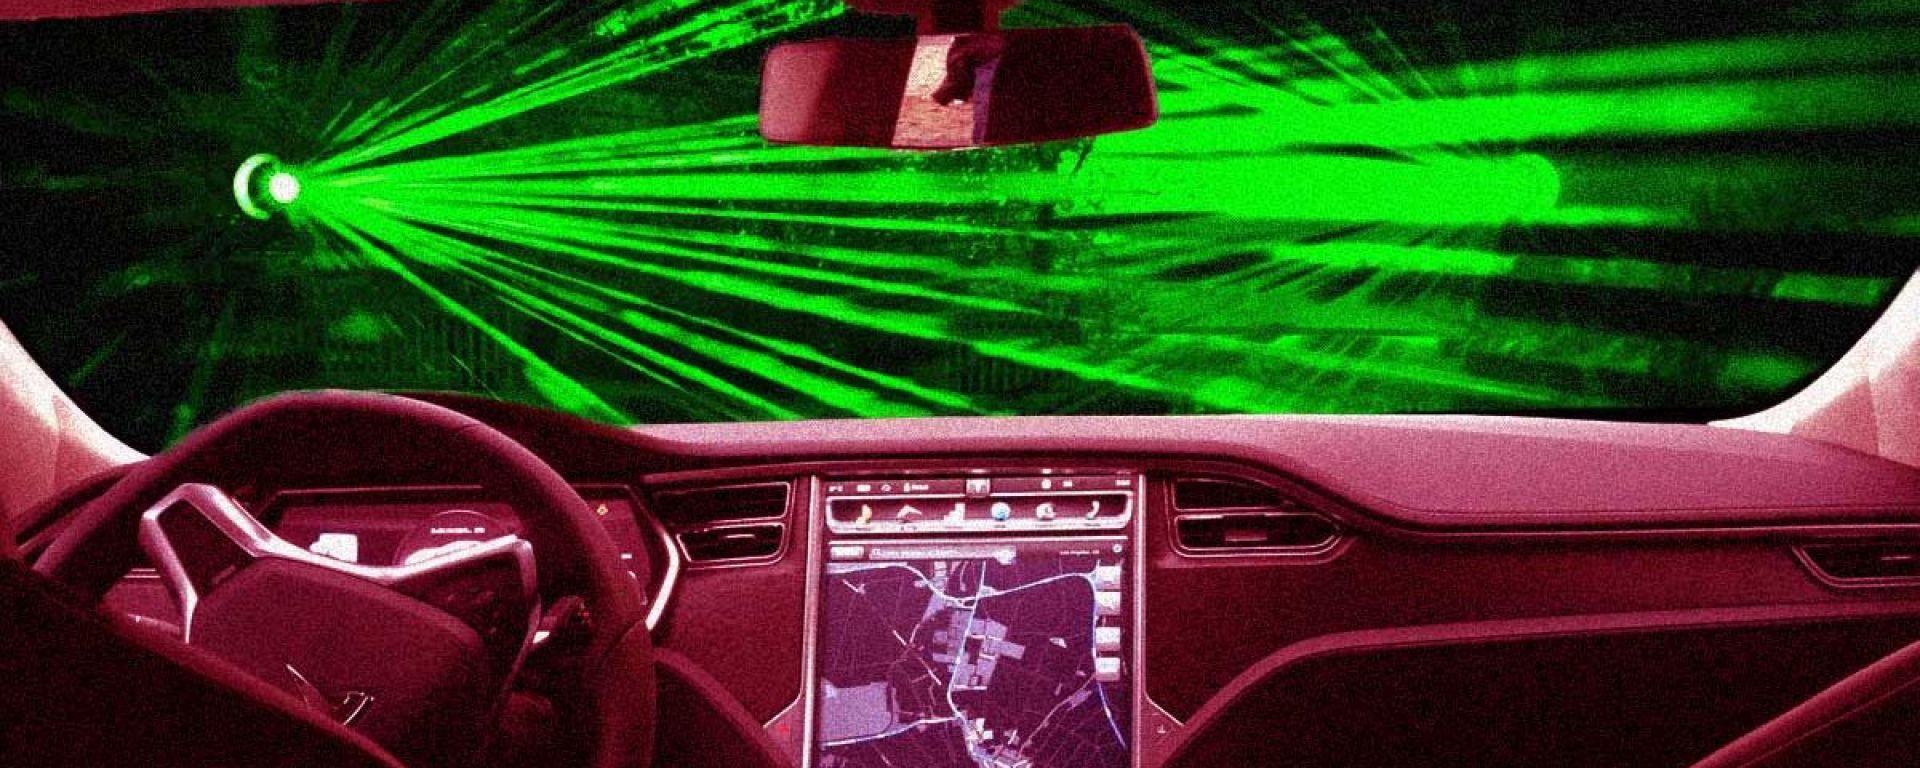 Tesla brevetta una tecnologia a raggi laser per la pulizia dei tergicristalli (immagine di Maurizio Pesce/Victor Tangermann)